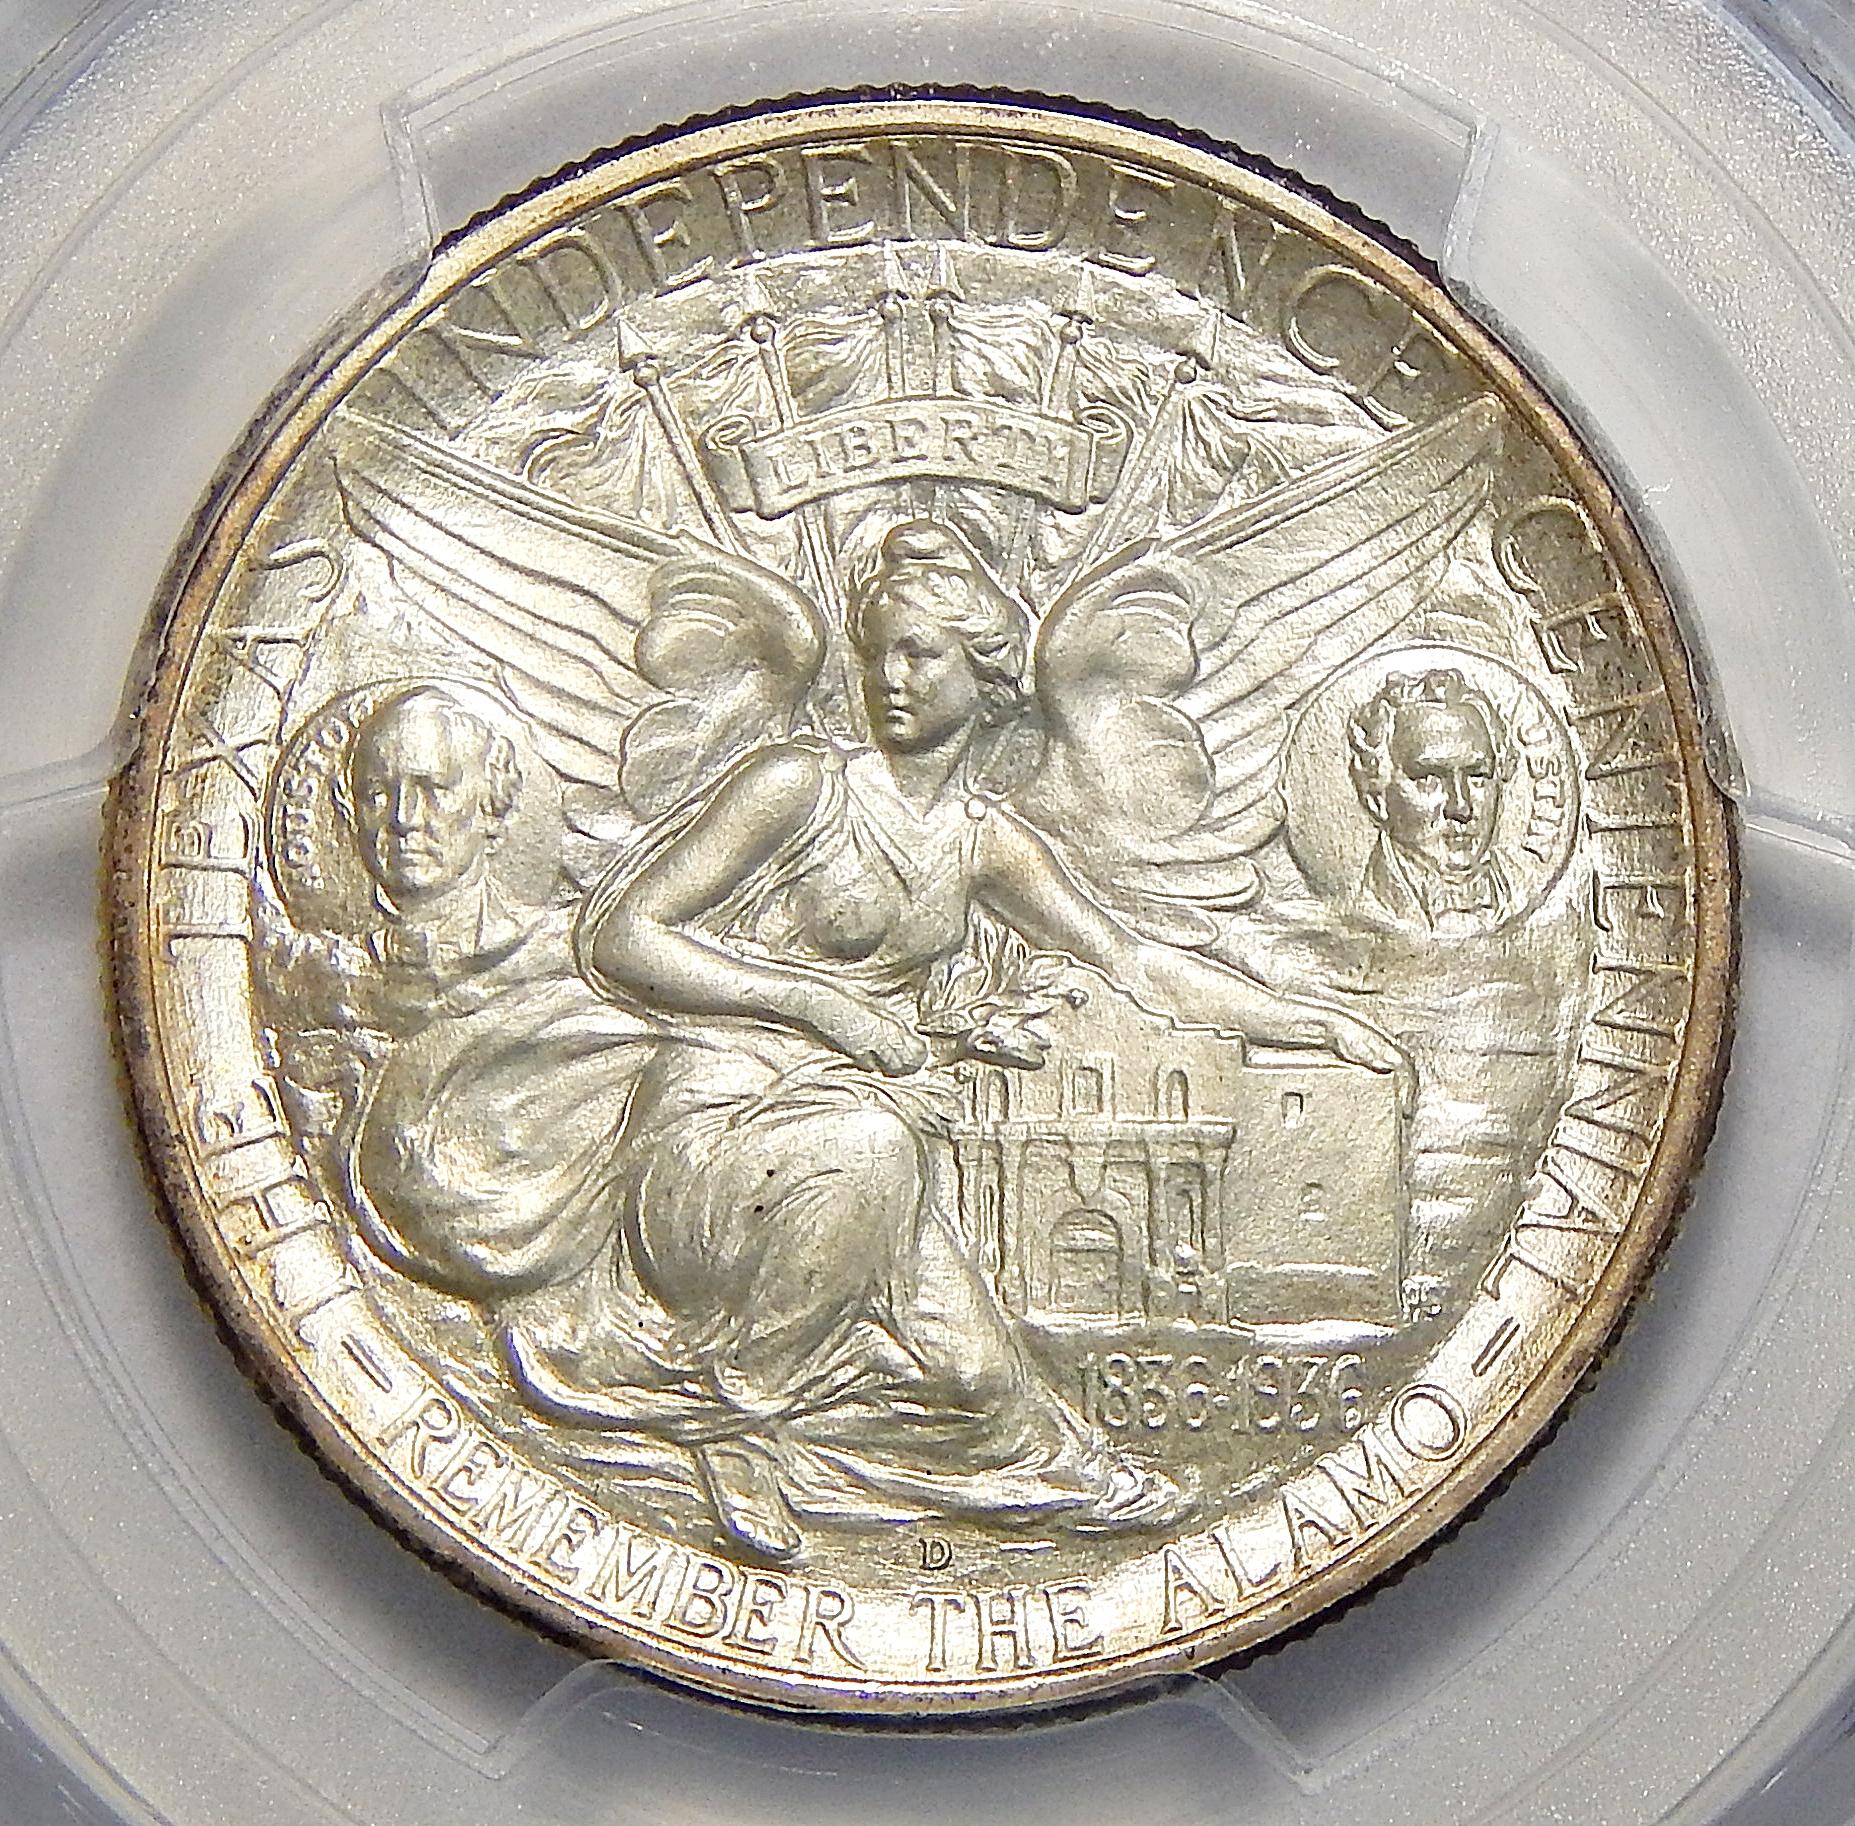 1937 D Pcgs Ms67 Texas Half Dollar